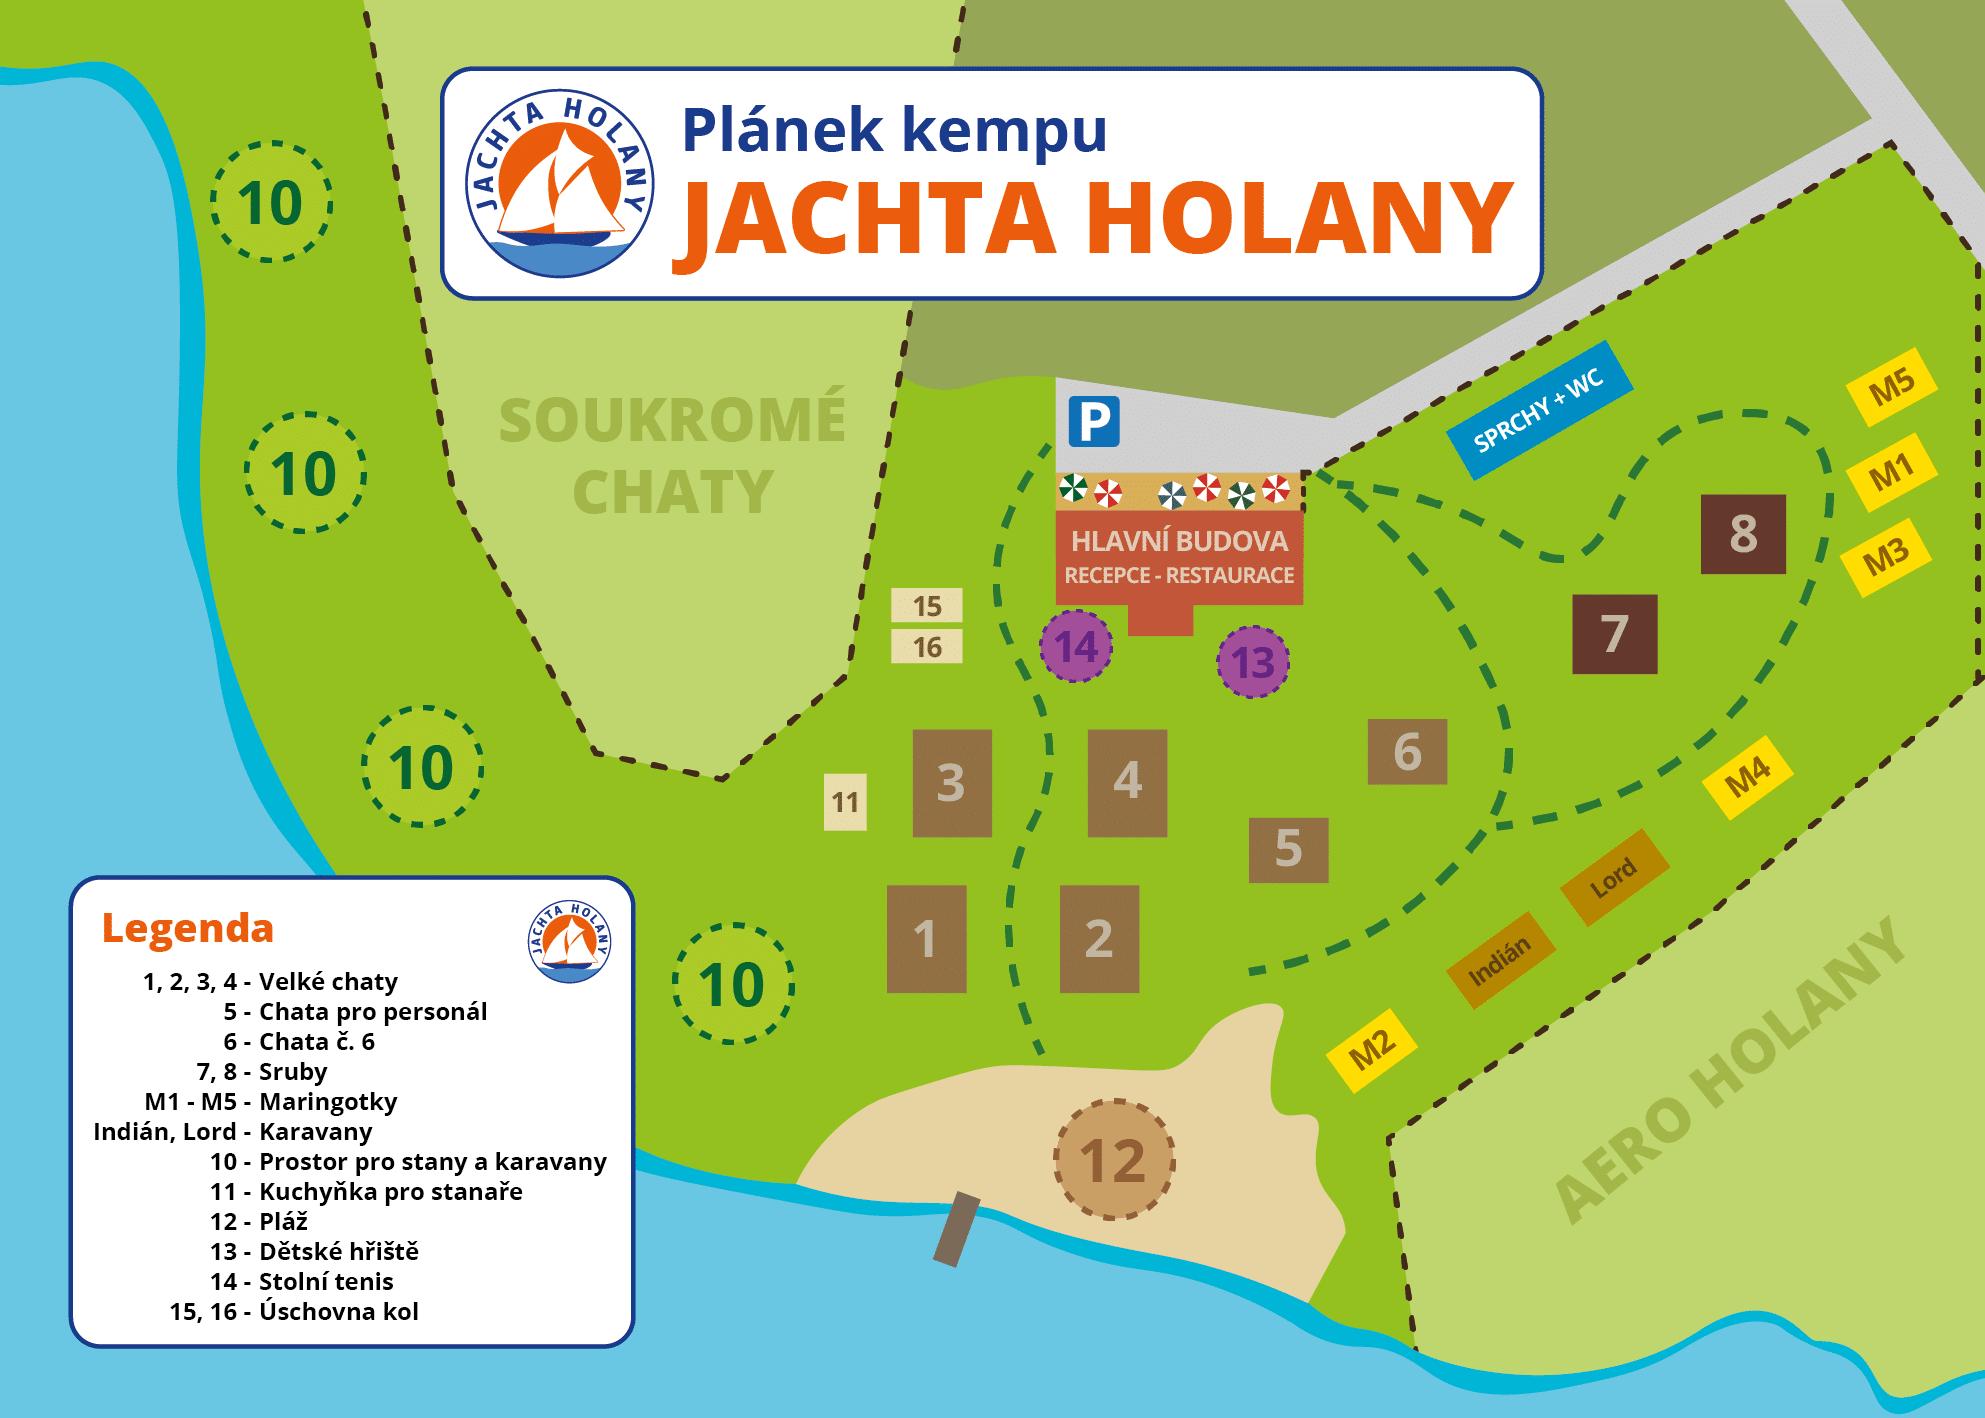 Plánek kempu Jachta Holany 2021